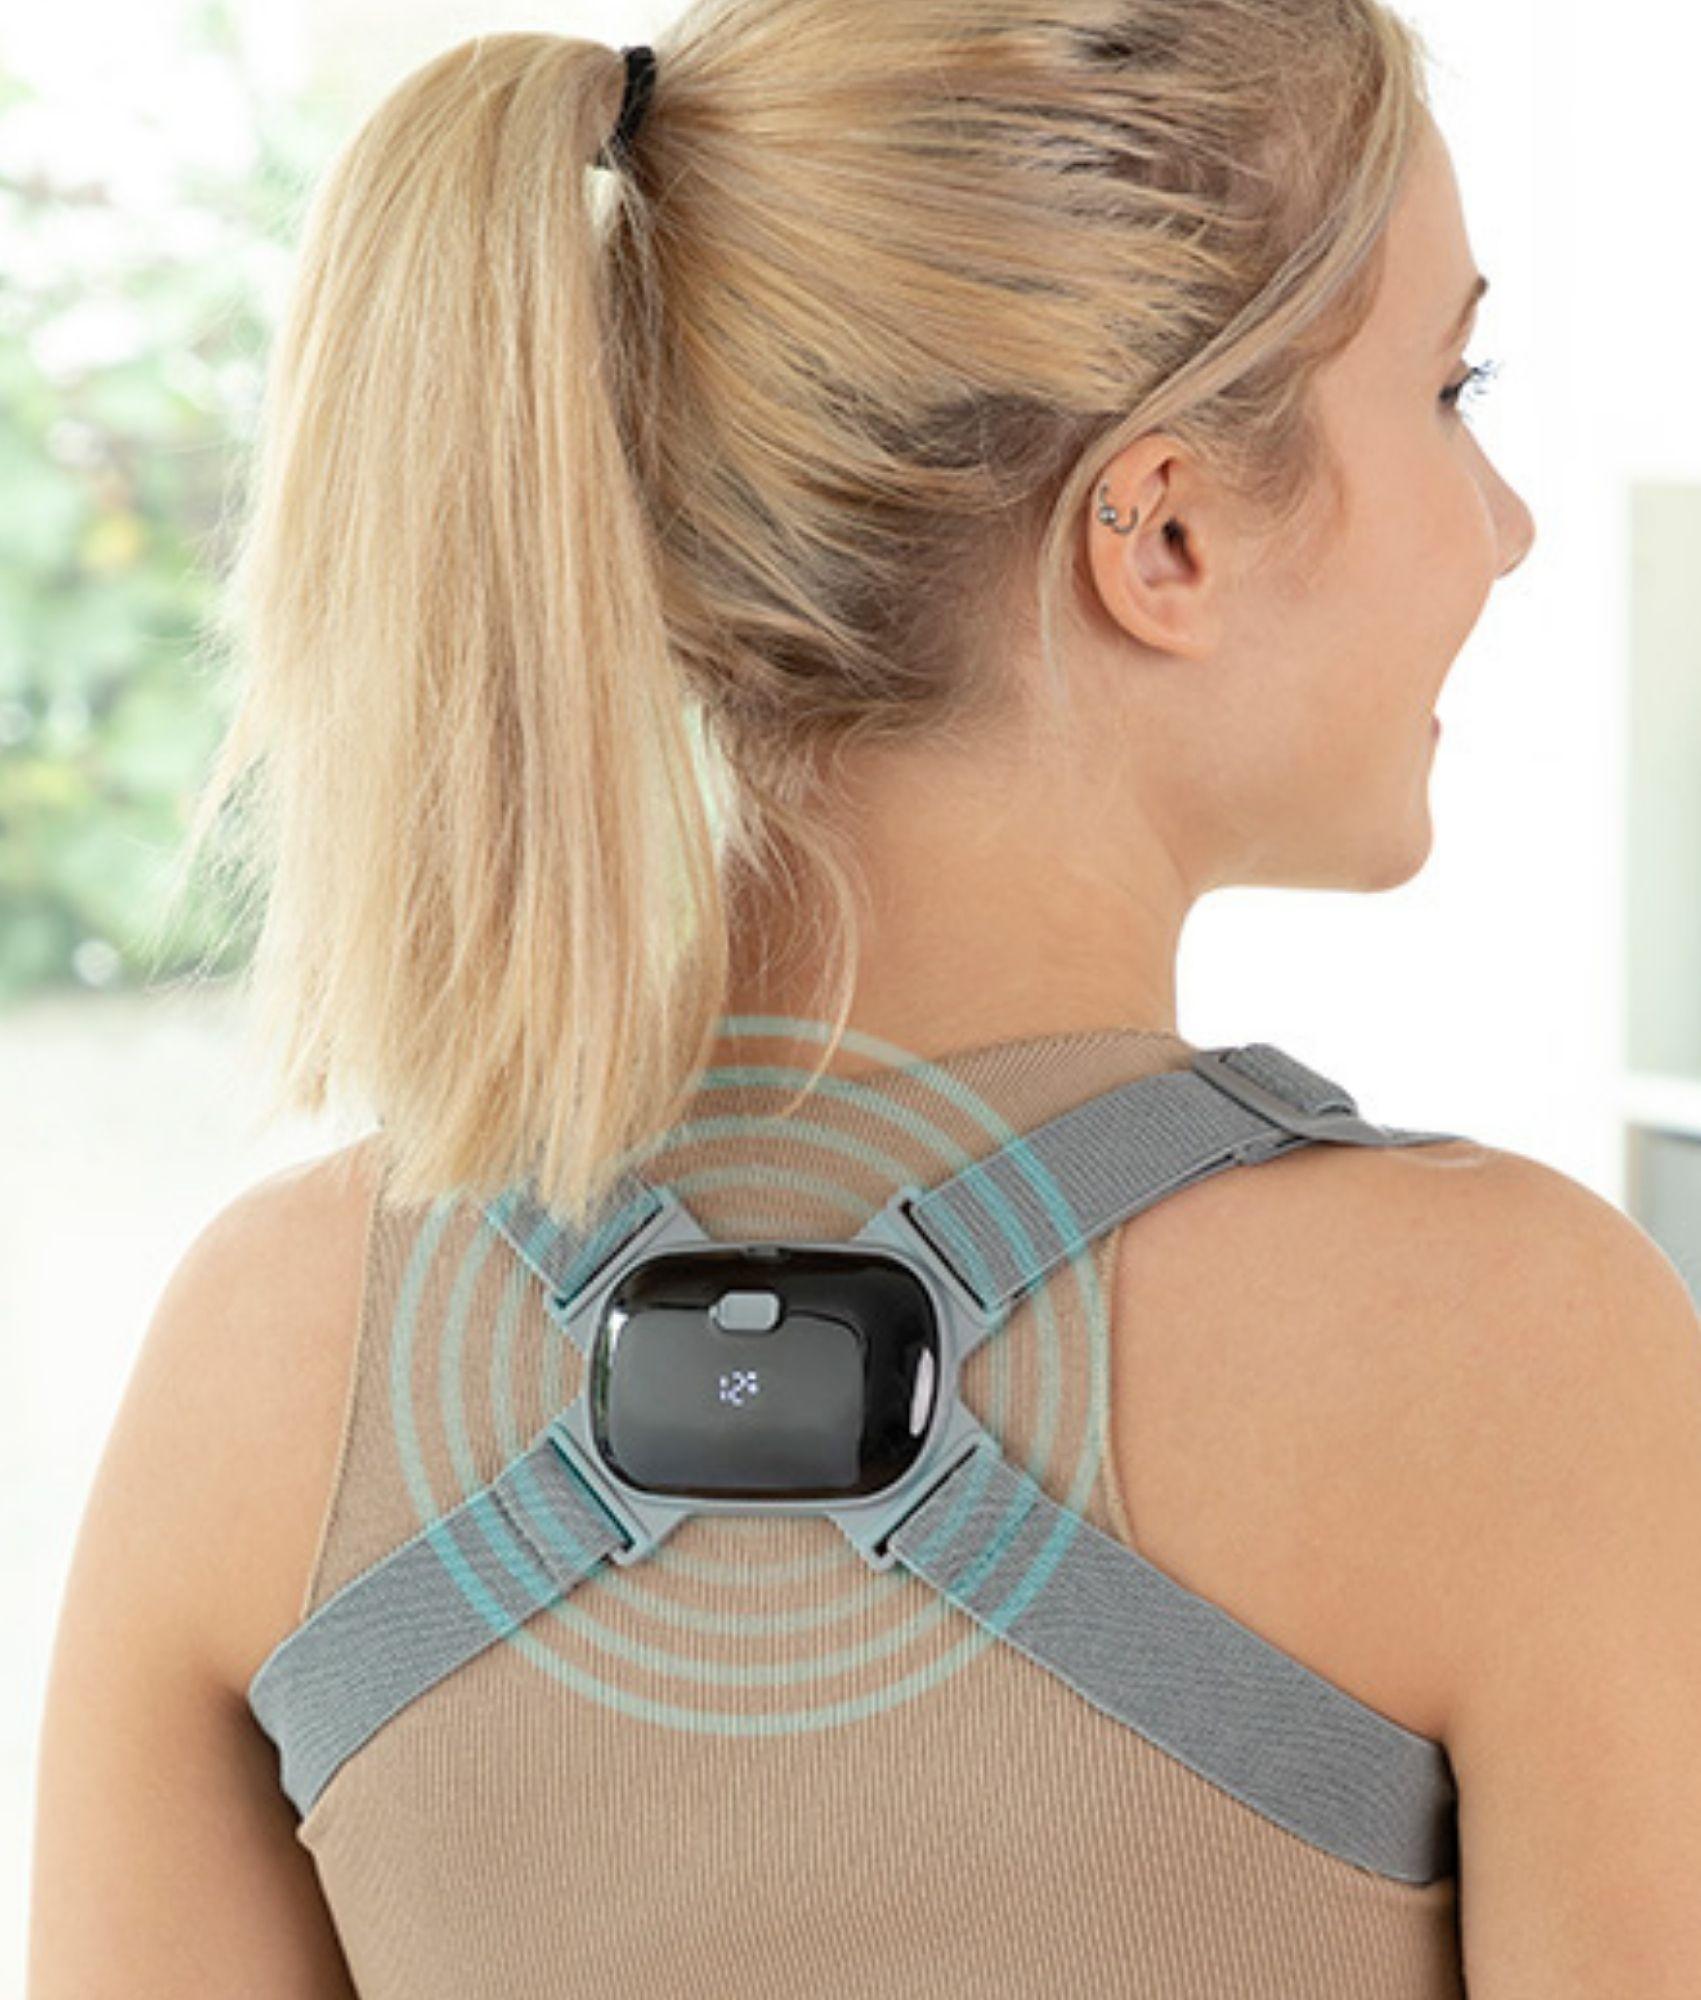 Entrenador de Postura Inteligente Recargable con Vibración Viback